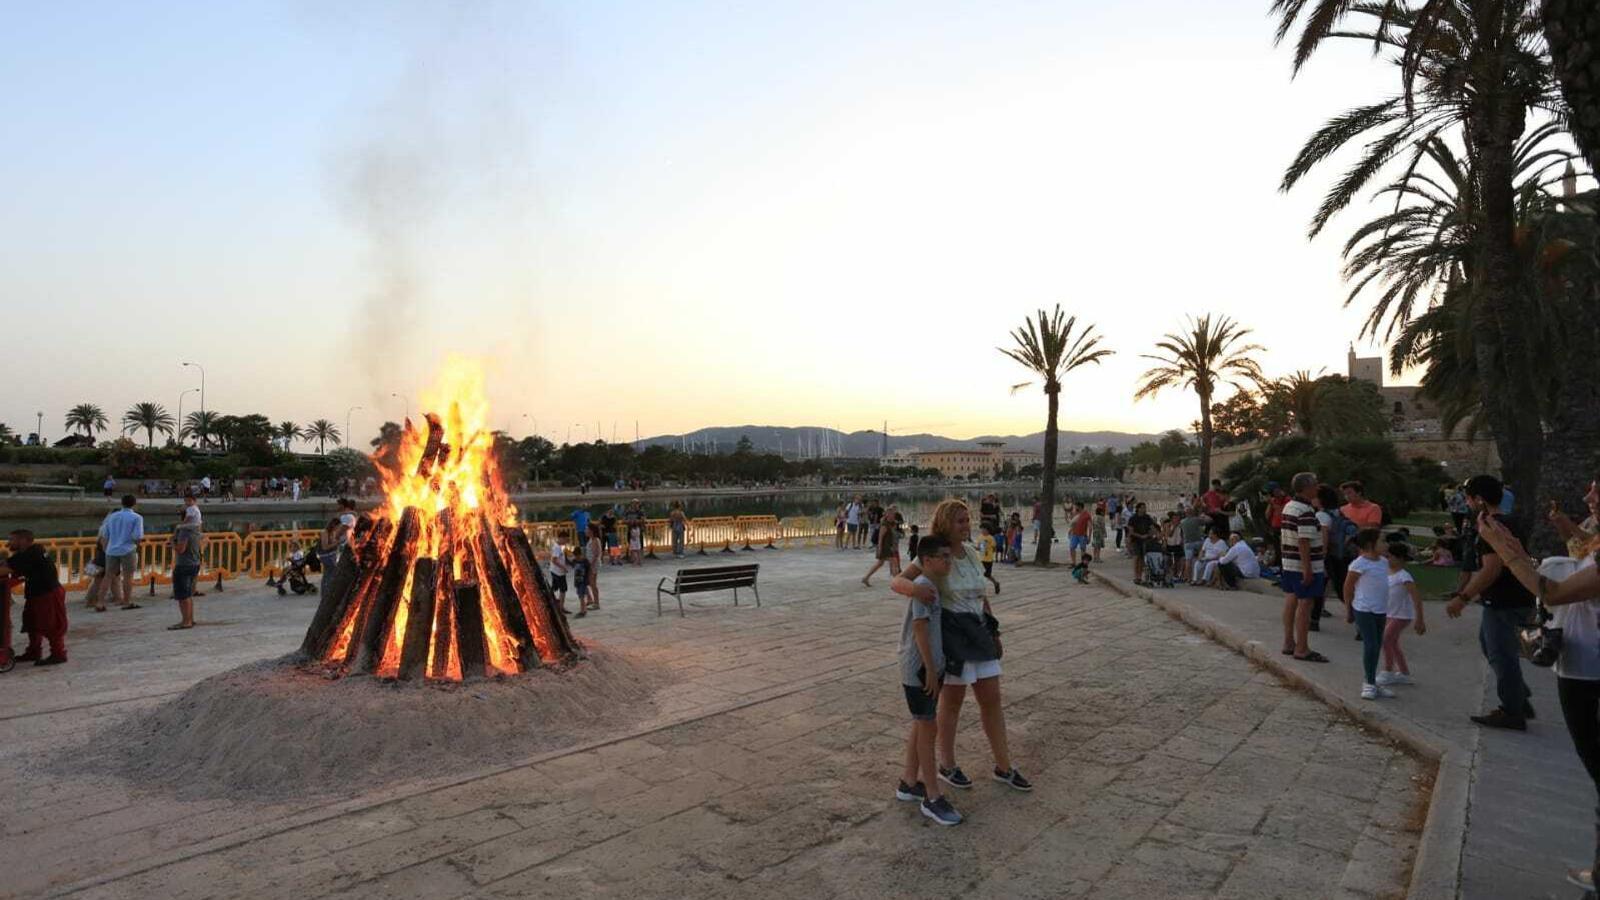 El Parc de la Mar és l'escenari de la 'Nit del foc'